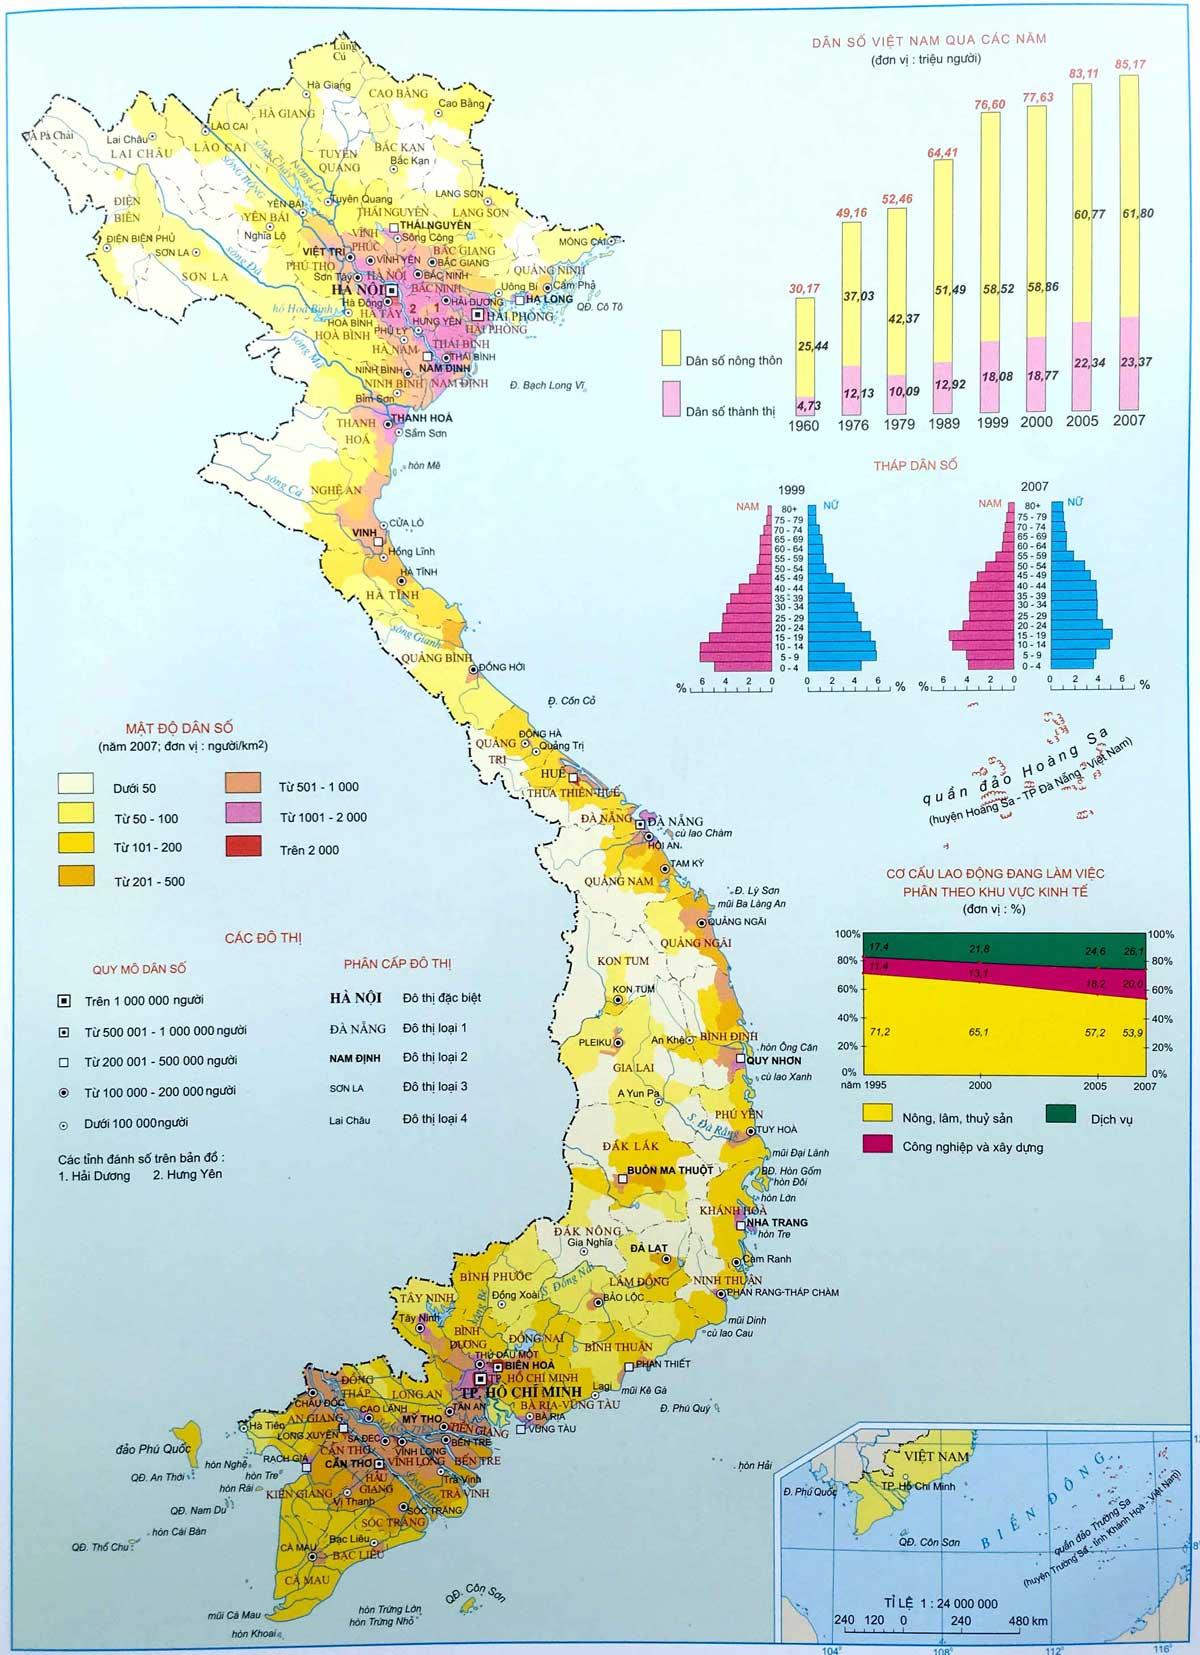 Thong Tin Bản đồ Việt Nam Bản đồ Quy Hoạch Mới Nhất Năm 2020